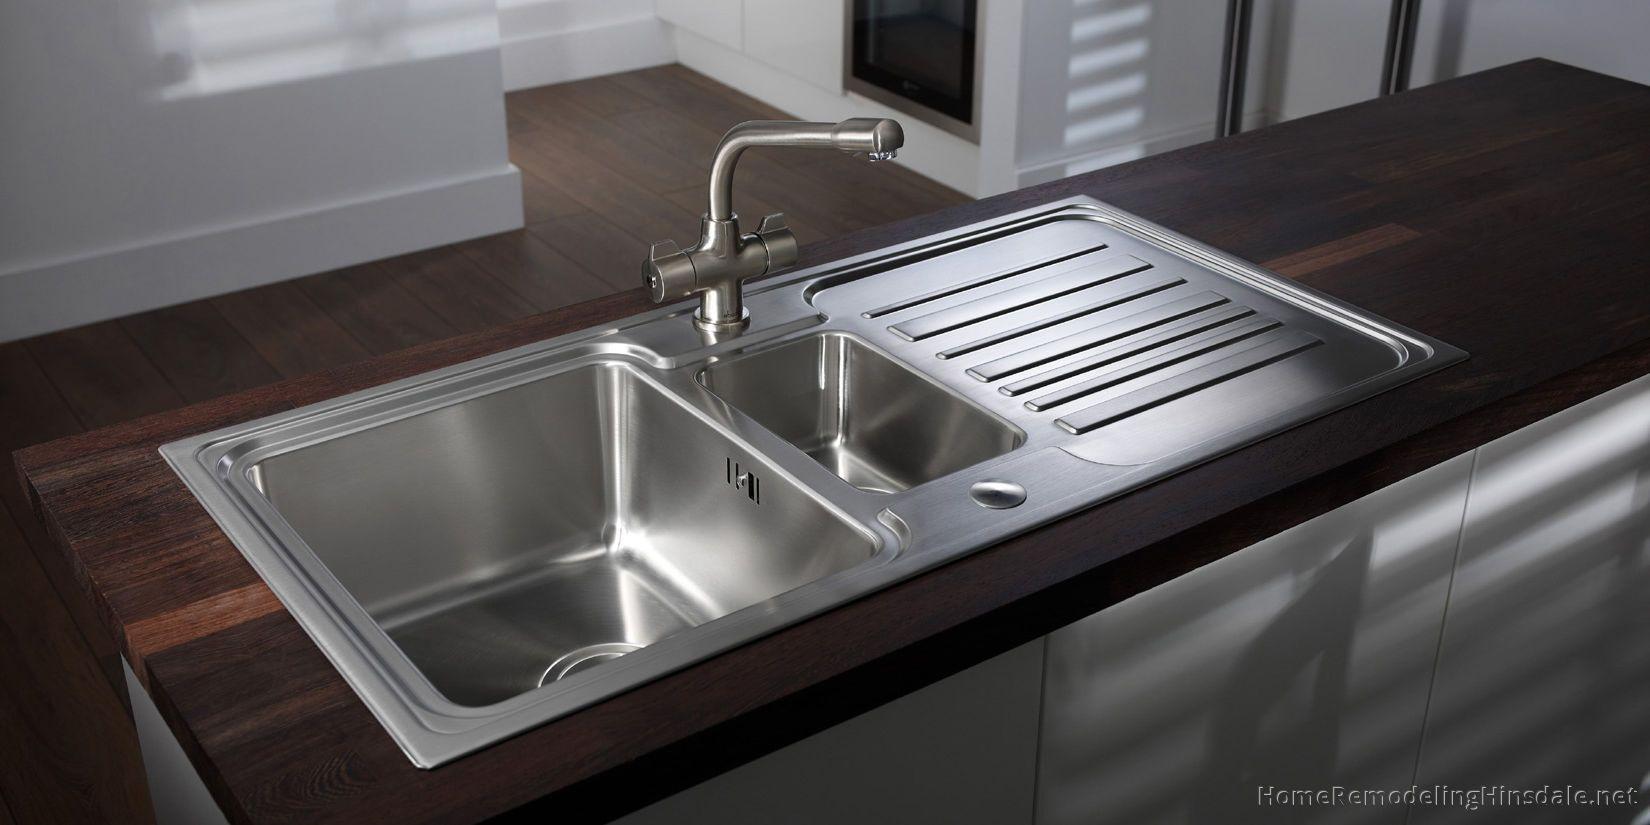 Schön Drop In Küchenspülen Bilder - Ideen Für Die Küche Dekoration ...